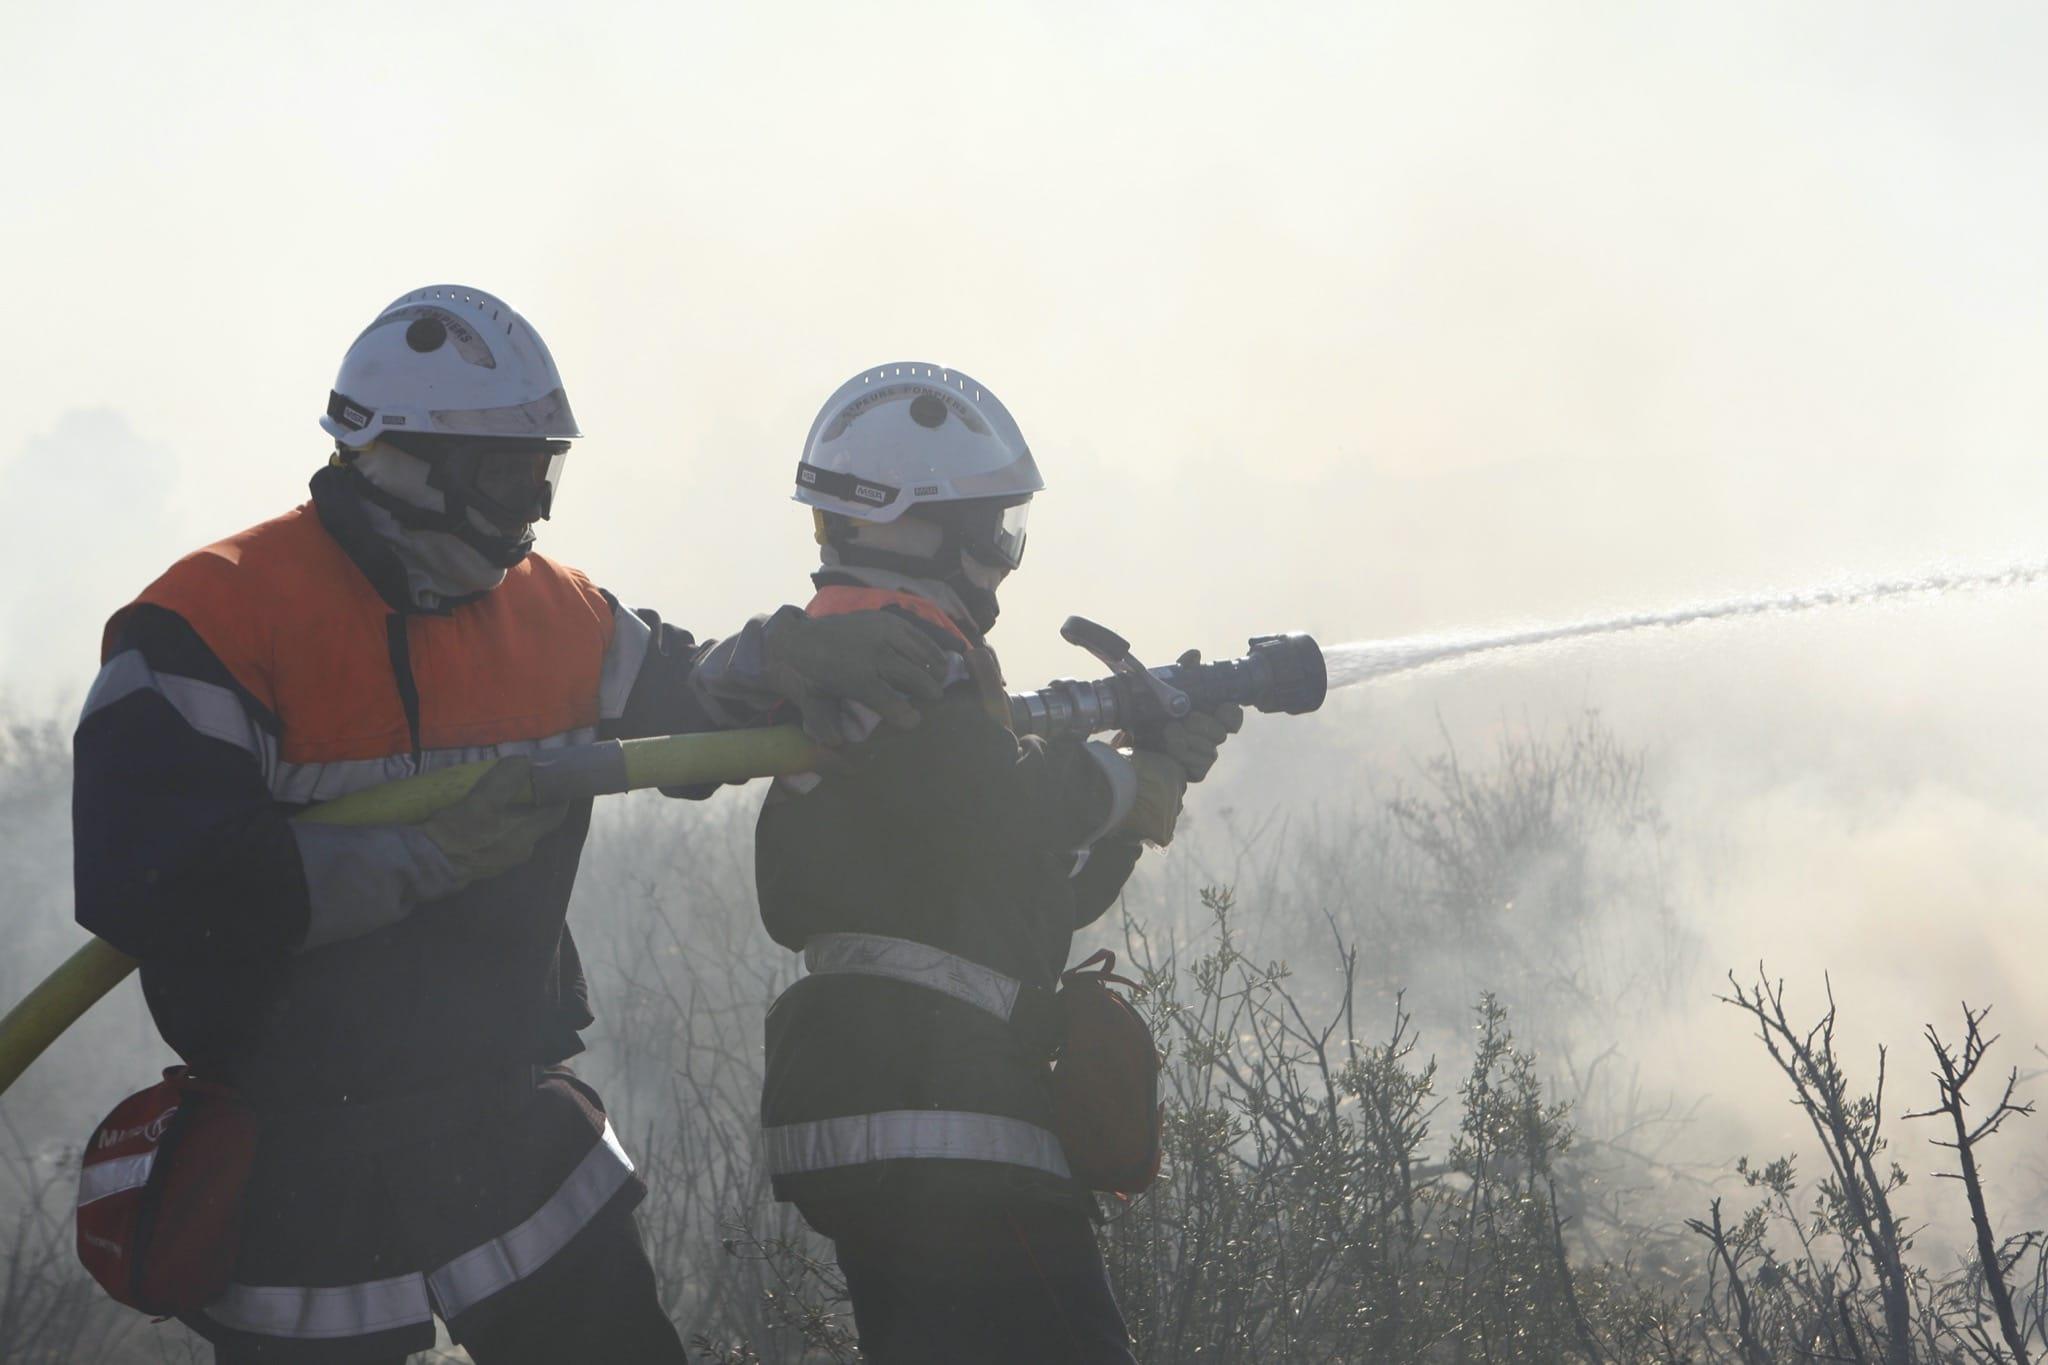 Les Hommes du feu de Pierre Jolivet image film cinéma